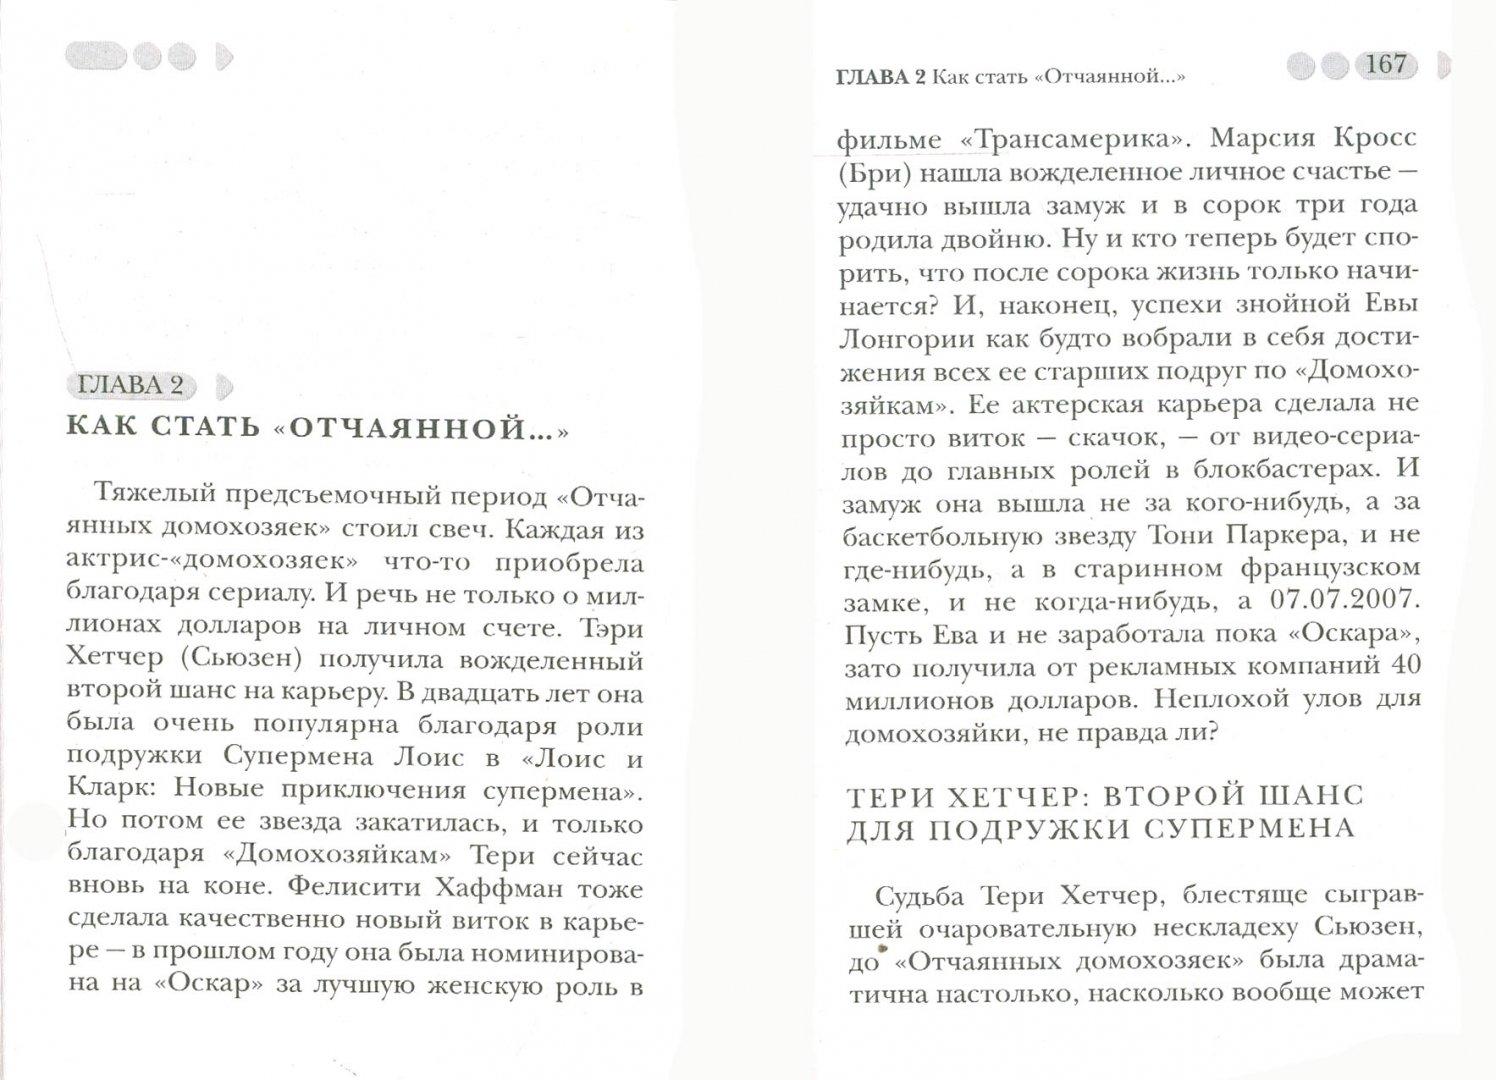 Иллюстрация 1 из 2 для Секс и мыло - Станислава Одоевцева | Лабиринт - книги. Источник: Лабиринт